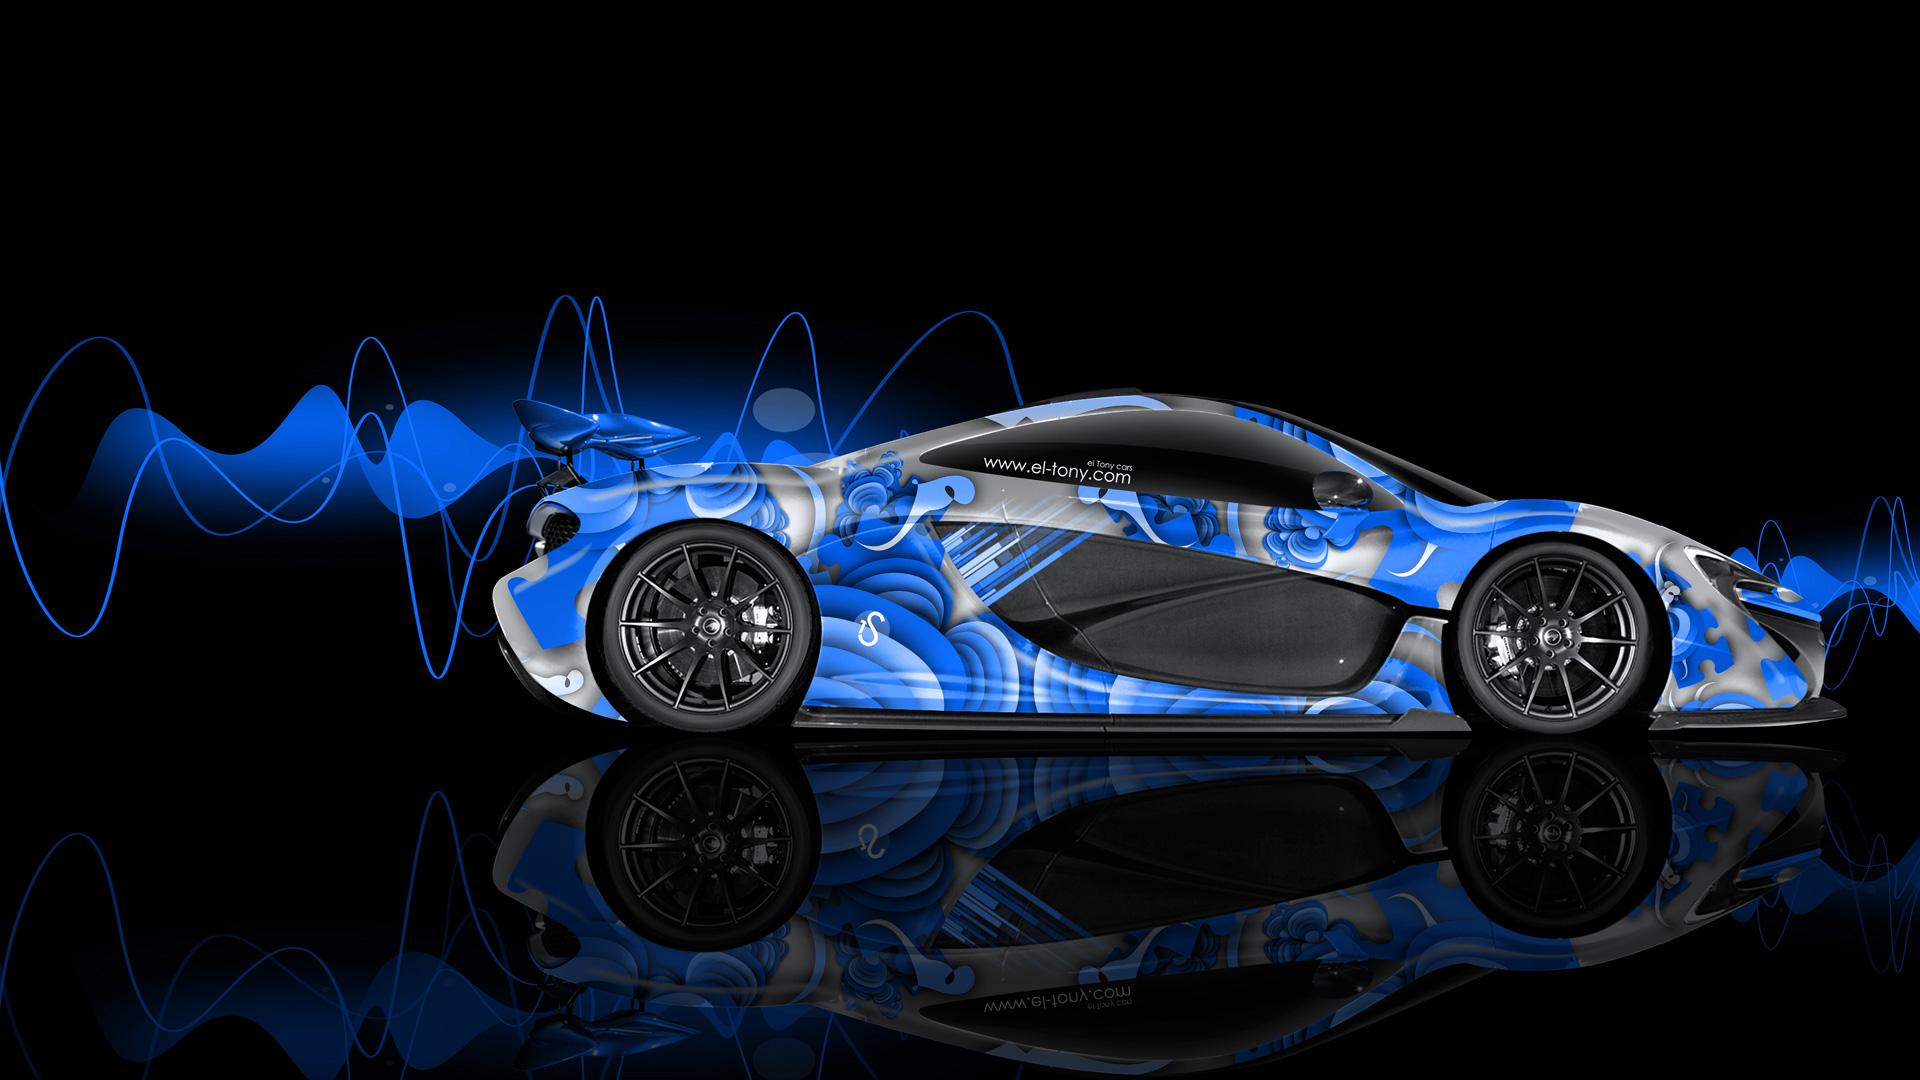 mclaren p1 gtr frontup blue fire abstract car 2014 hd wallpapers 1920x1080